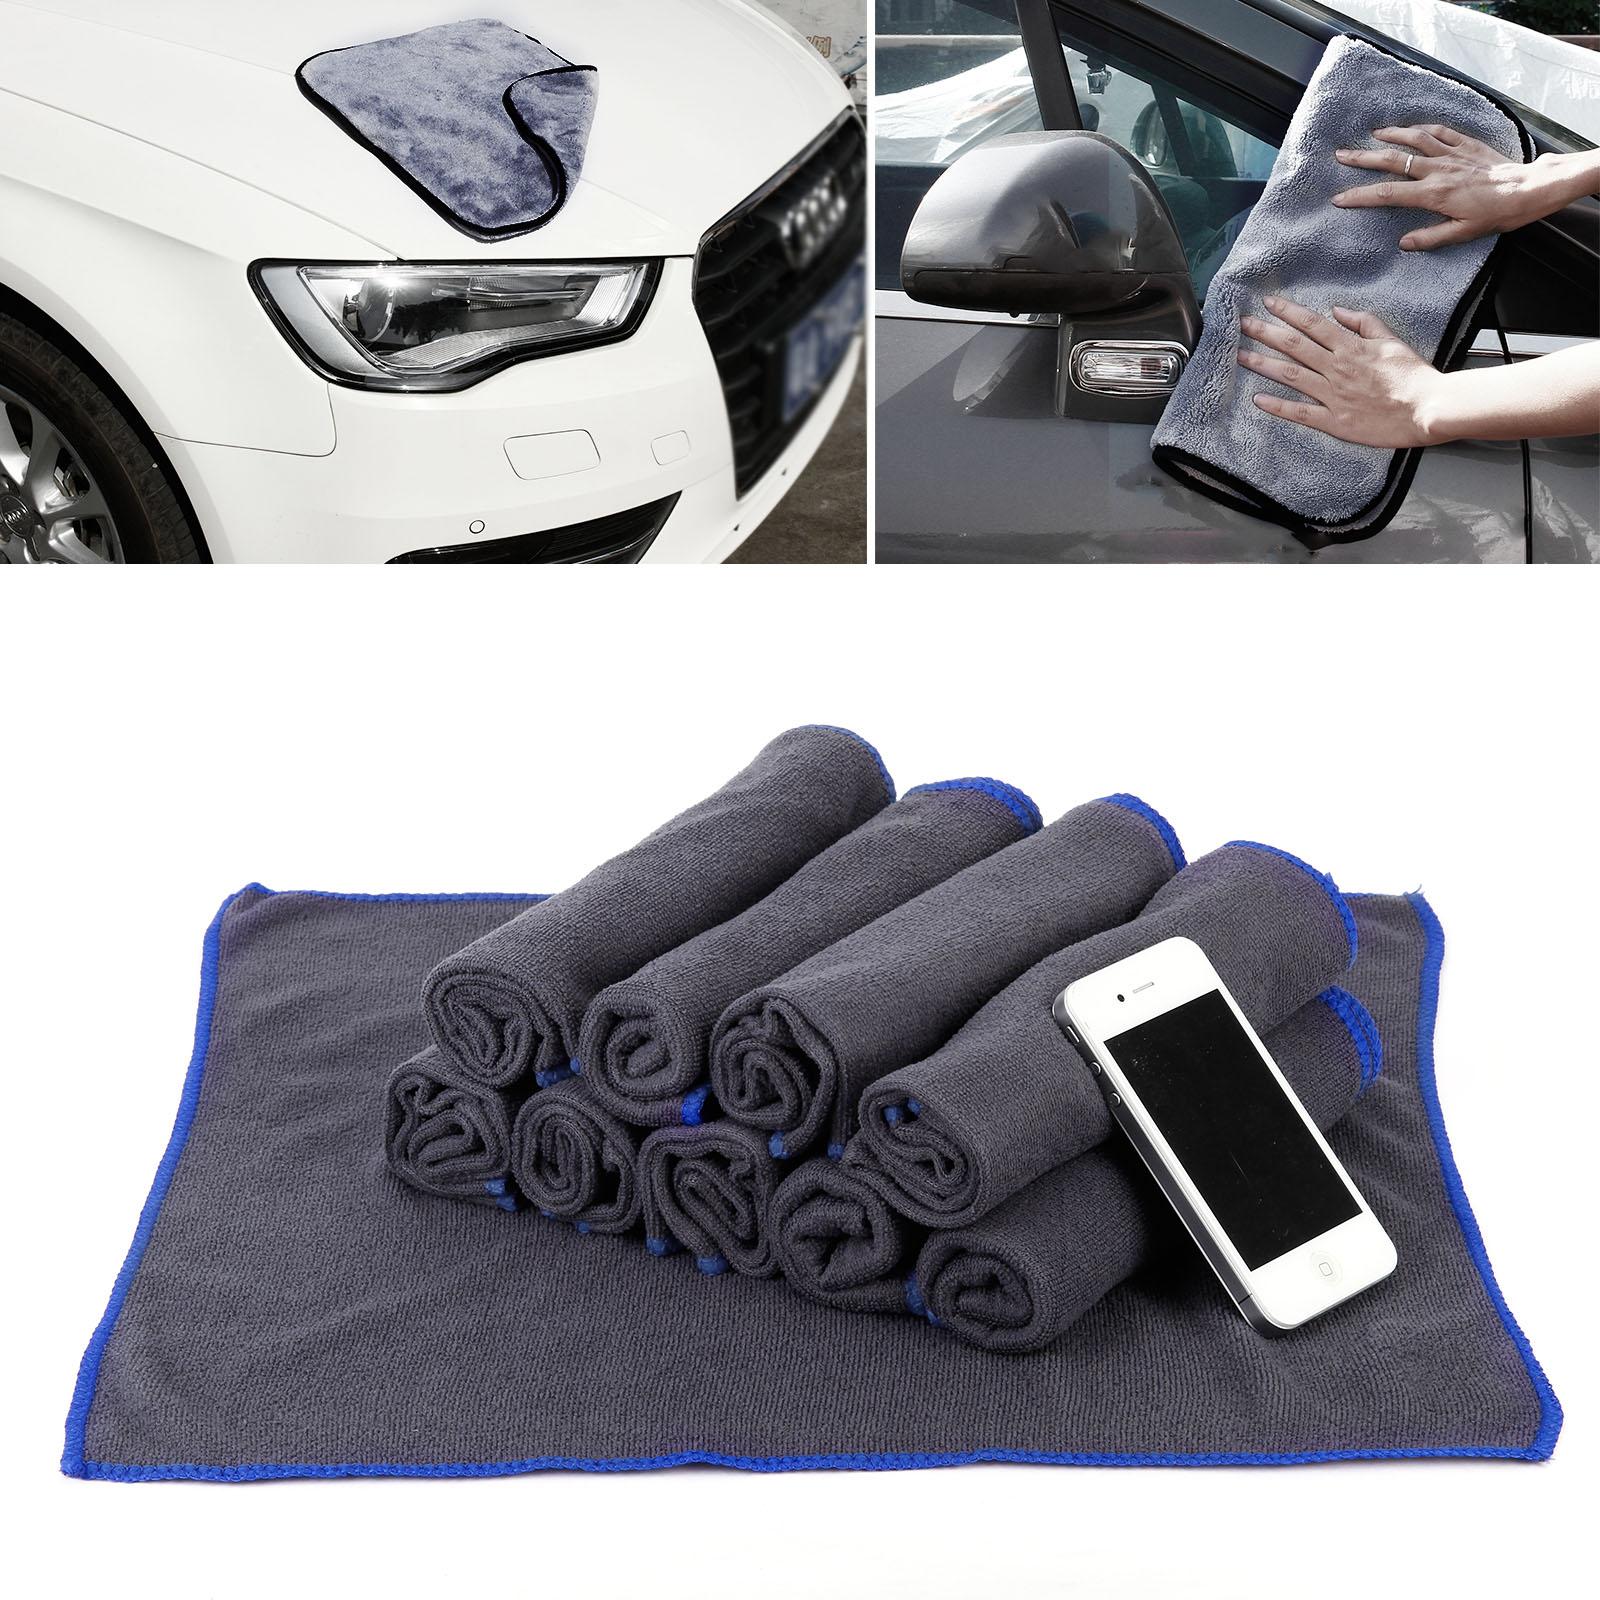 10x serviettes microfibre nettoyage voiture maison nettoyage doux absorbant gris. Black Bedroom Furniture Sets. Home Design Ideas